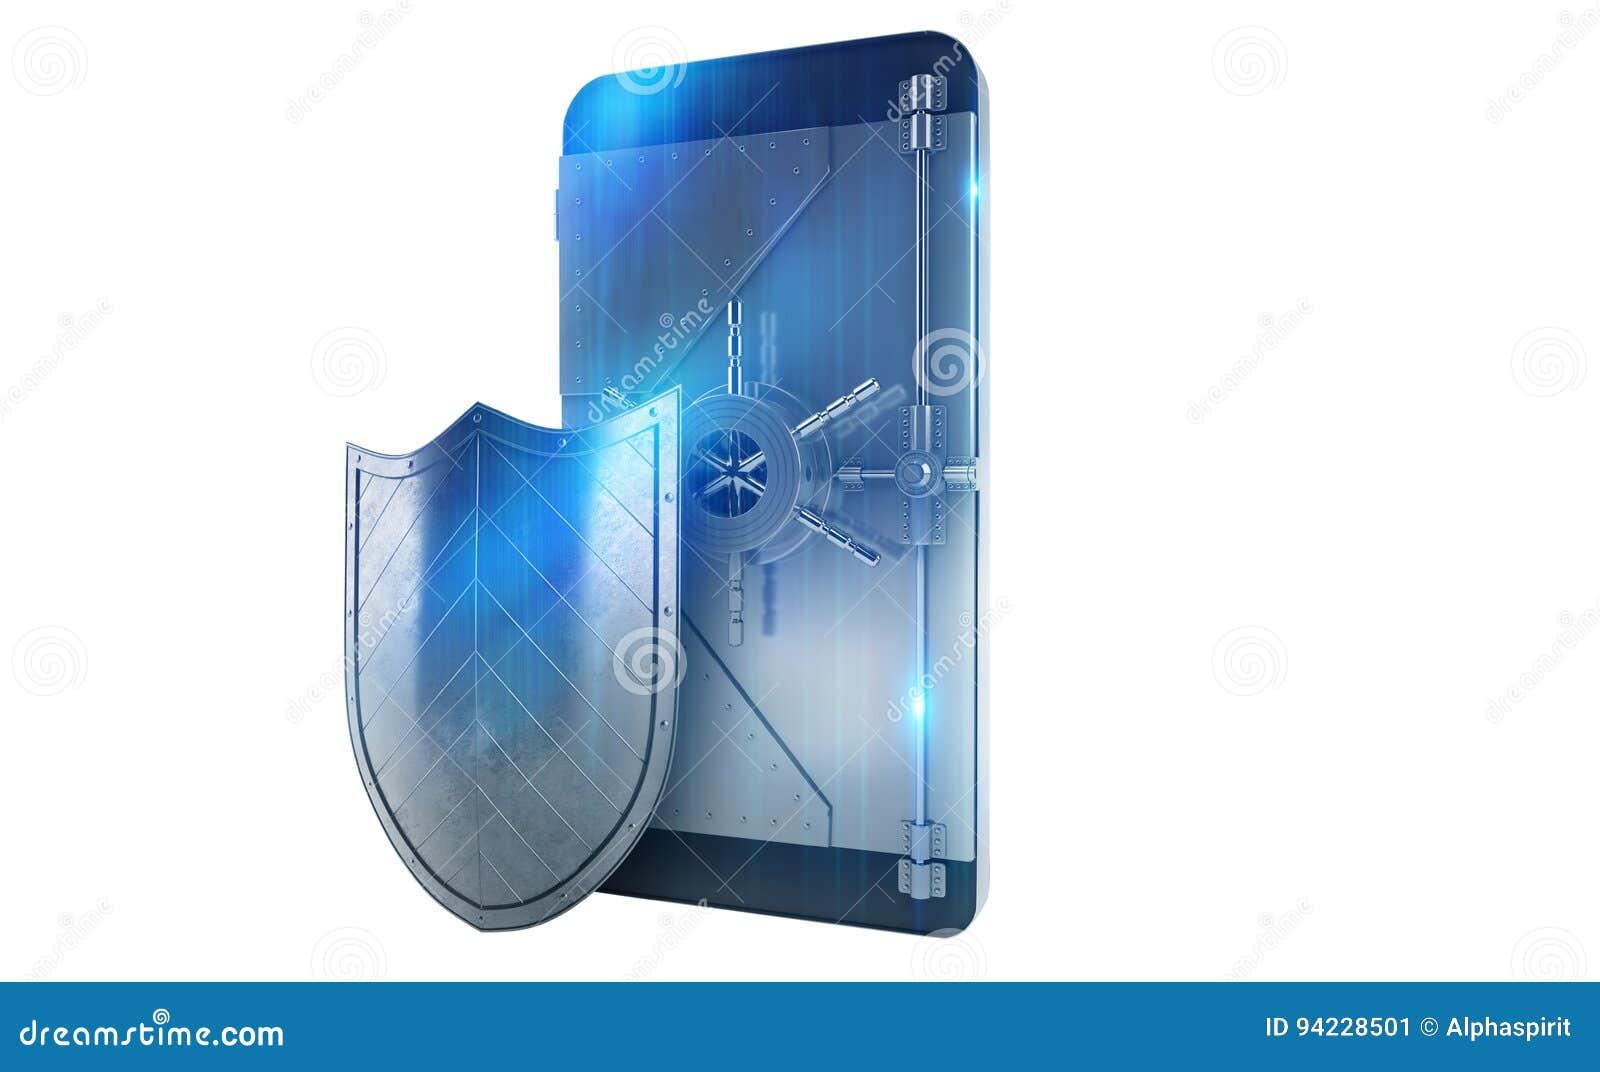 Teléfono móvil seguro del ataque del pirata informático como una caja fuerte representación 3d